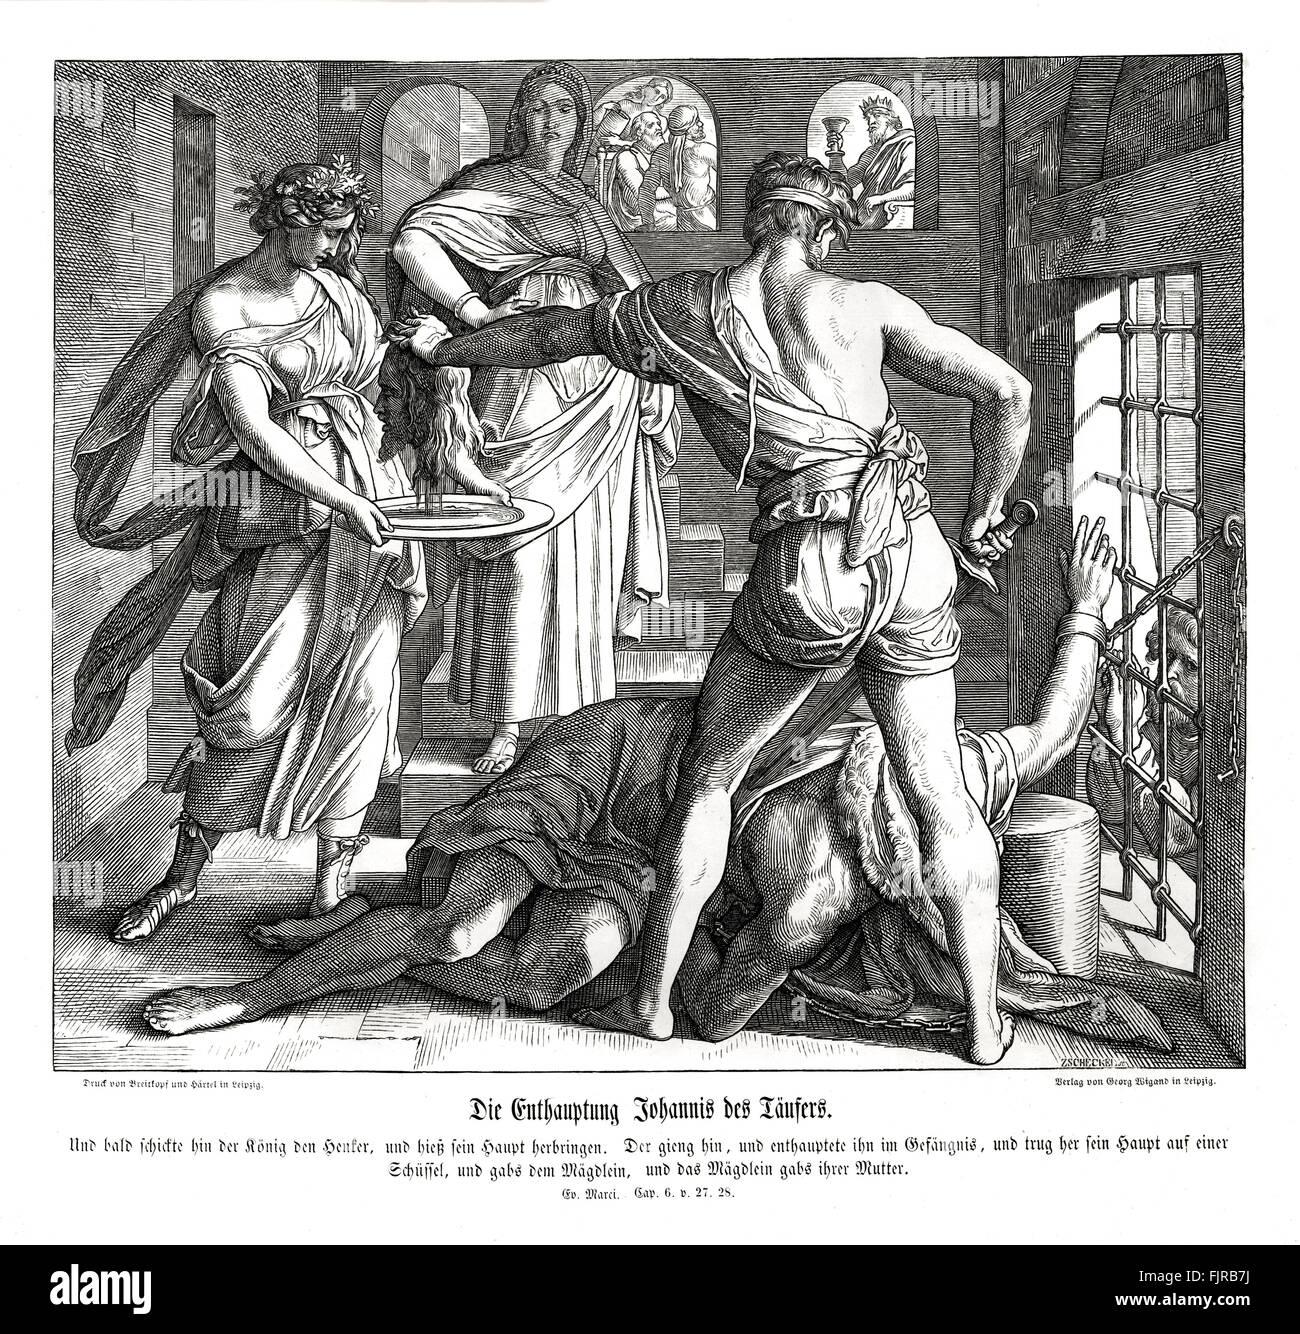 Giovanni Battista è decapitato presso la richiesta di vendetta di Salome, Vangelo di Marco CAPITOLO VI versi Immagini Stock